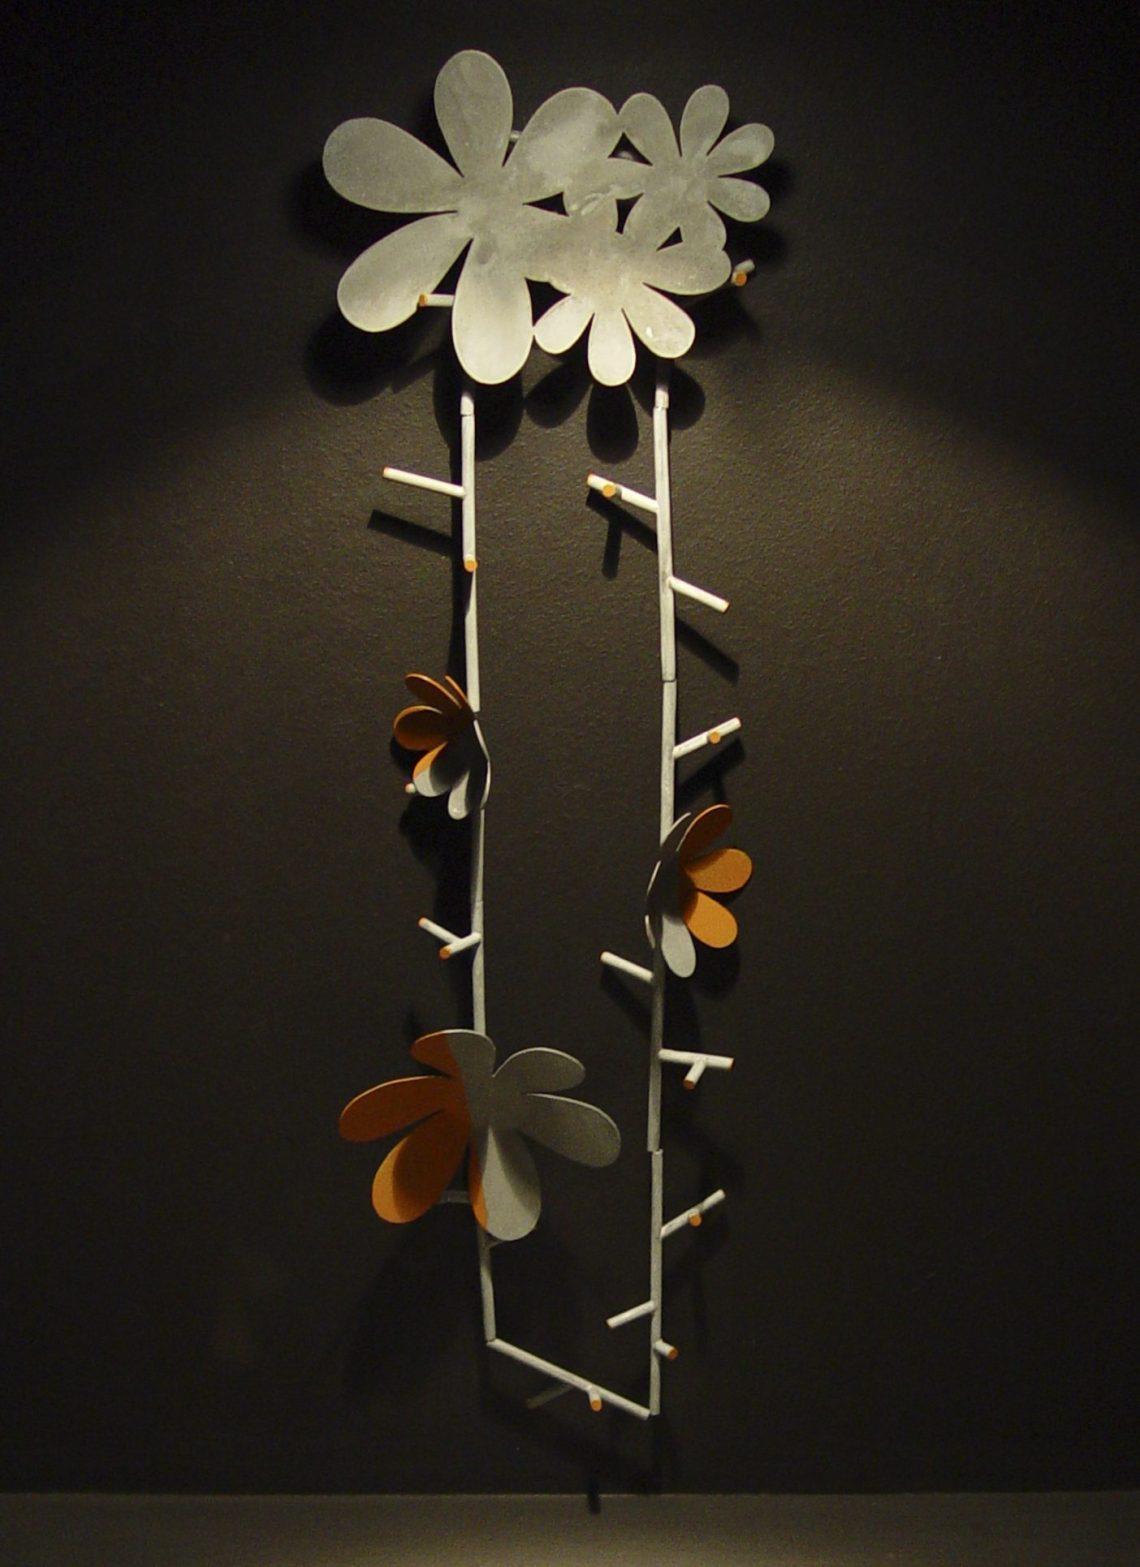 Lucy Sarneel, Wallflower, 2005, Allures et Parures, Espace Solidor, 2009. Foto met dank aan Birgit Laken©